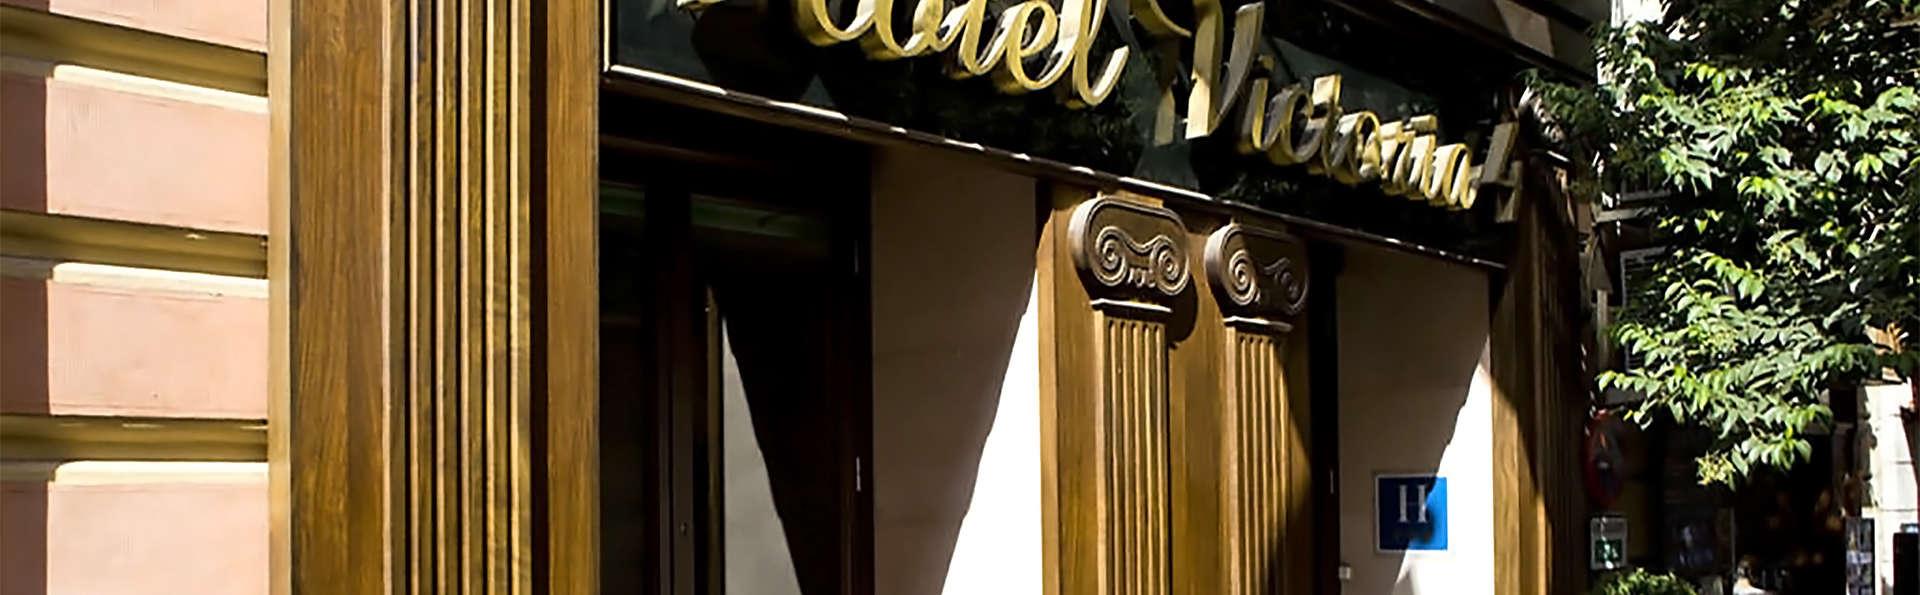 Hotel Victoria 4  - EDIT_facade3.jpg